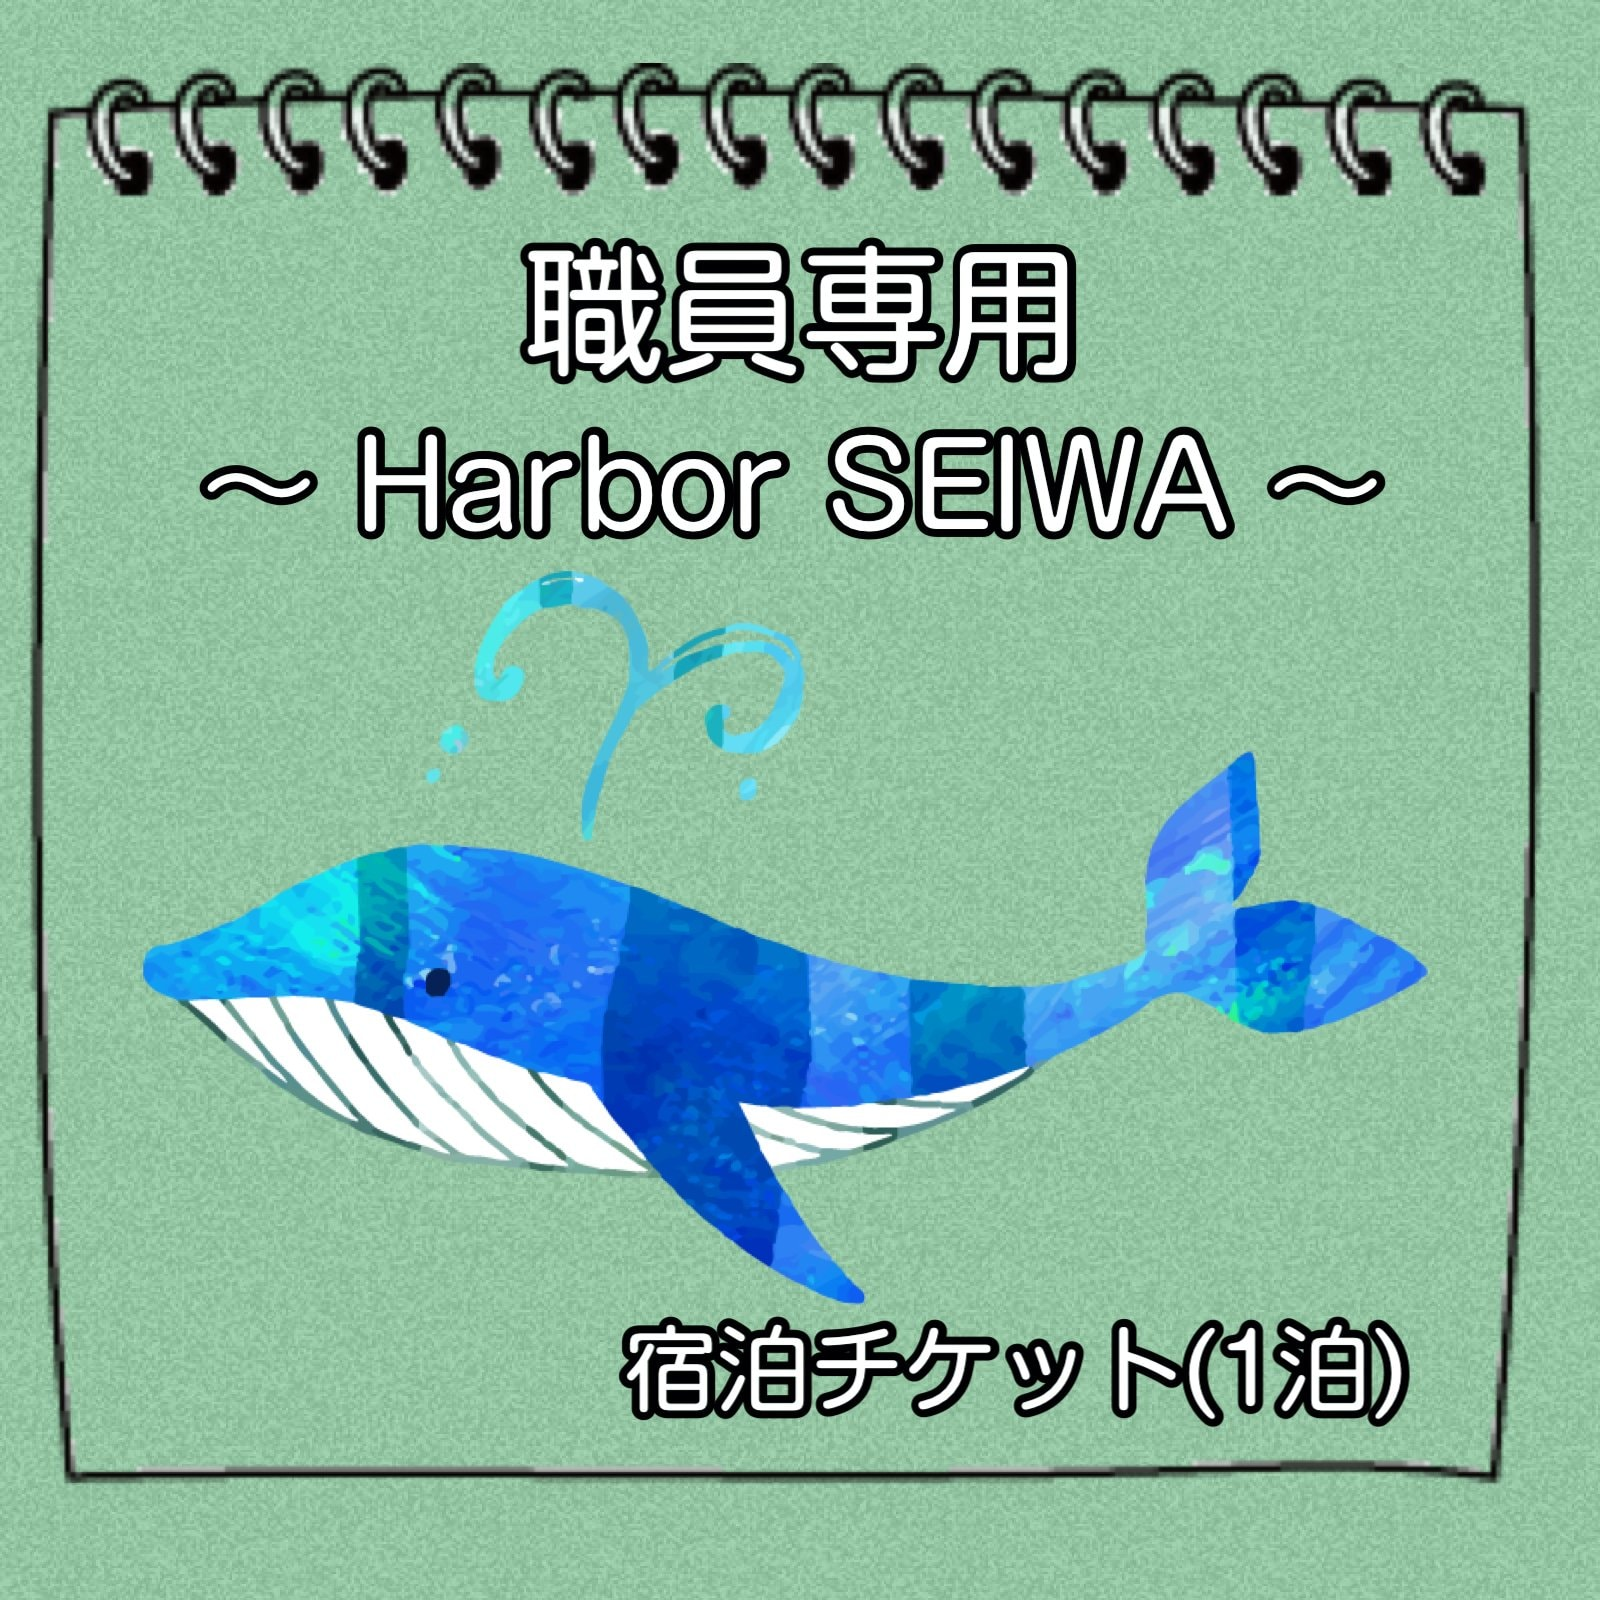 【職員専用】Harbor SEIWA 宿泊チケット(1泊)のイメージその1